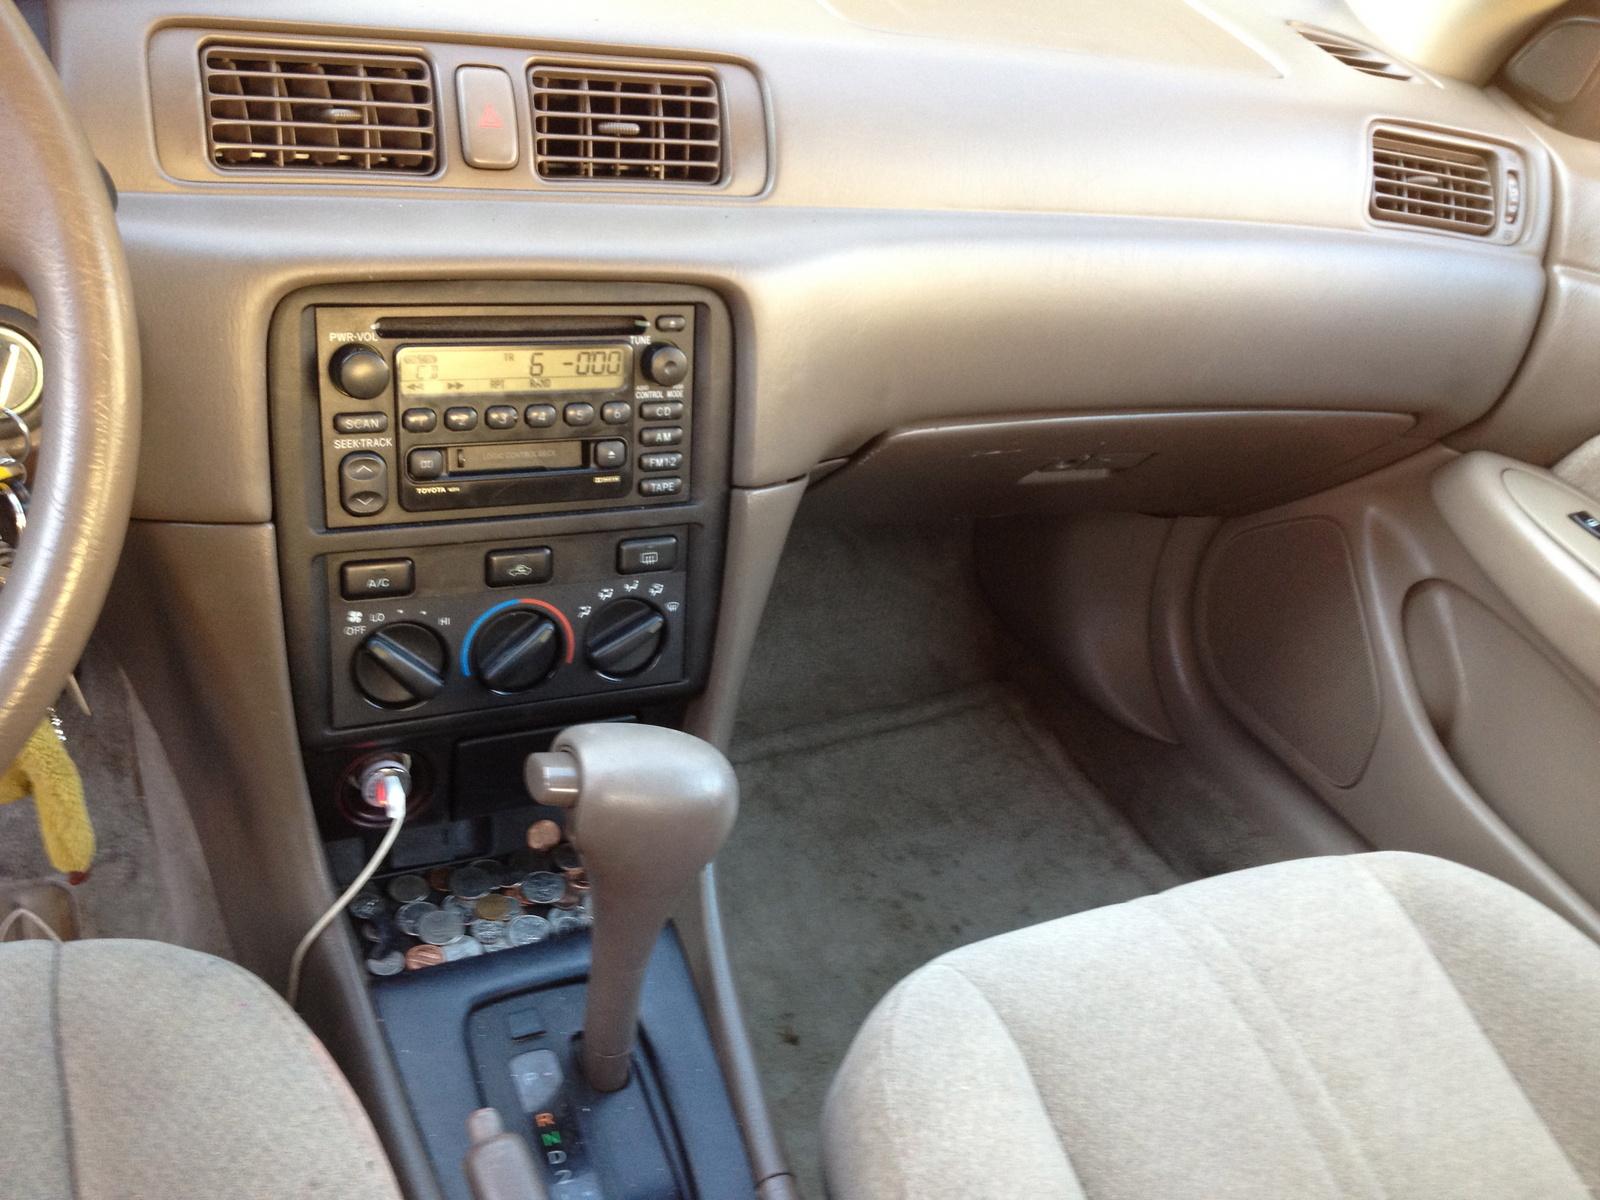 2001 Toyota Camry Interior Pictures Cargurus